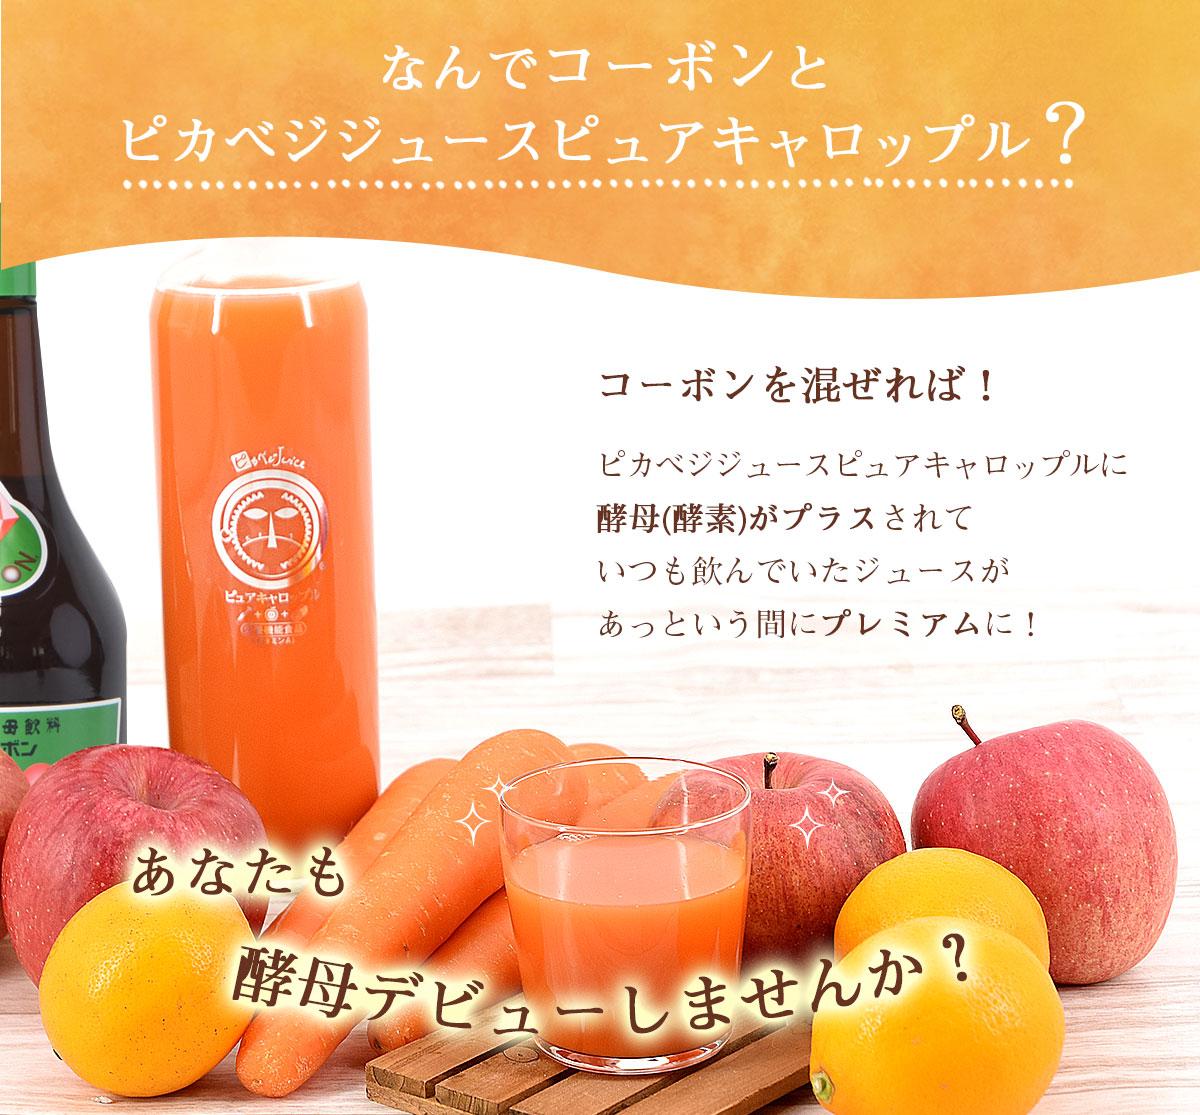 なんでピカベジ酵母とにんじんりんごレモンジュース?